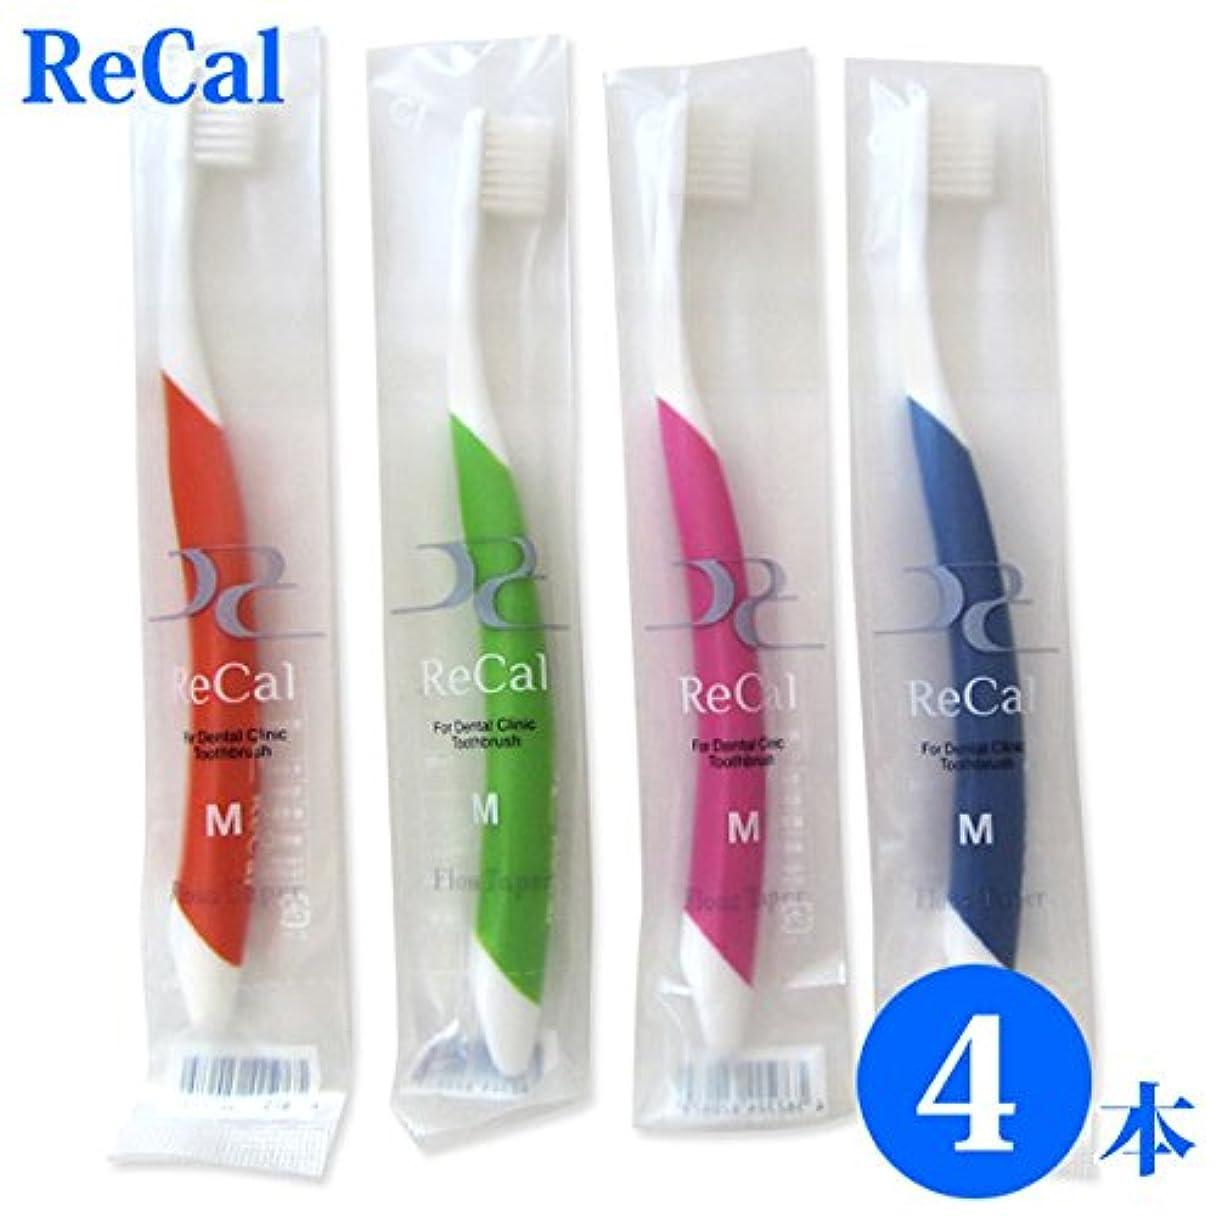 プレゼンテーションアイザック封筒リカル 4色セット 歯科医院専用商品 ReCal リカル M 大人用 一般 歯ブラシ4本 場合20本ま